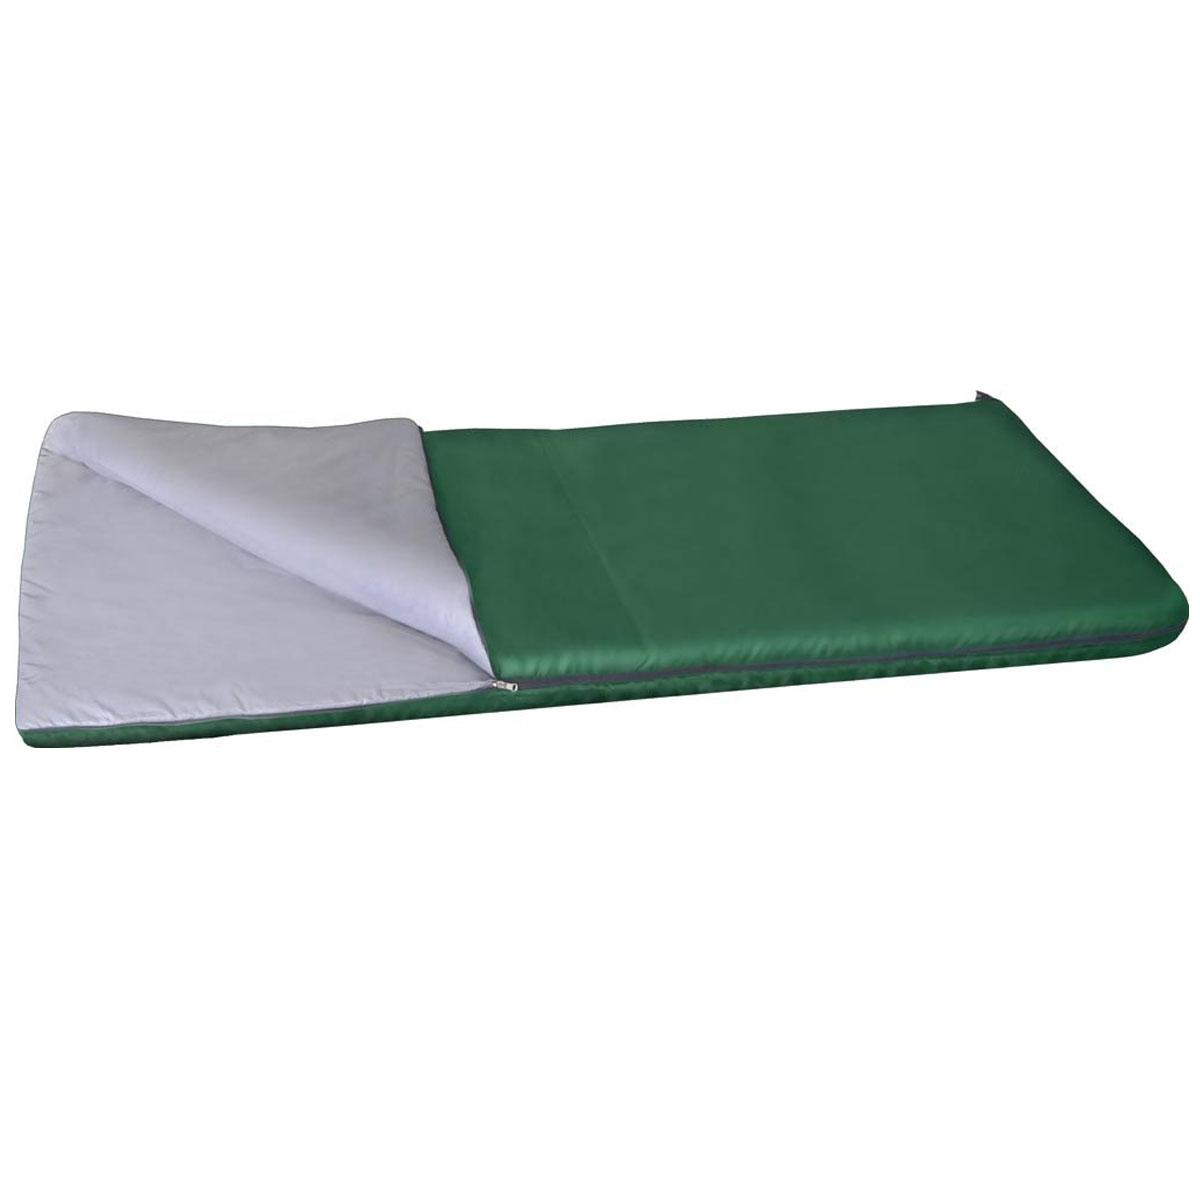 """Спальный мешок Alaska """"Одеяло +20 С"""", цвет: зеленый, левосторонняя молния. 95216-302-00"""